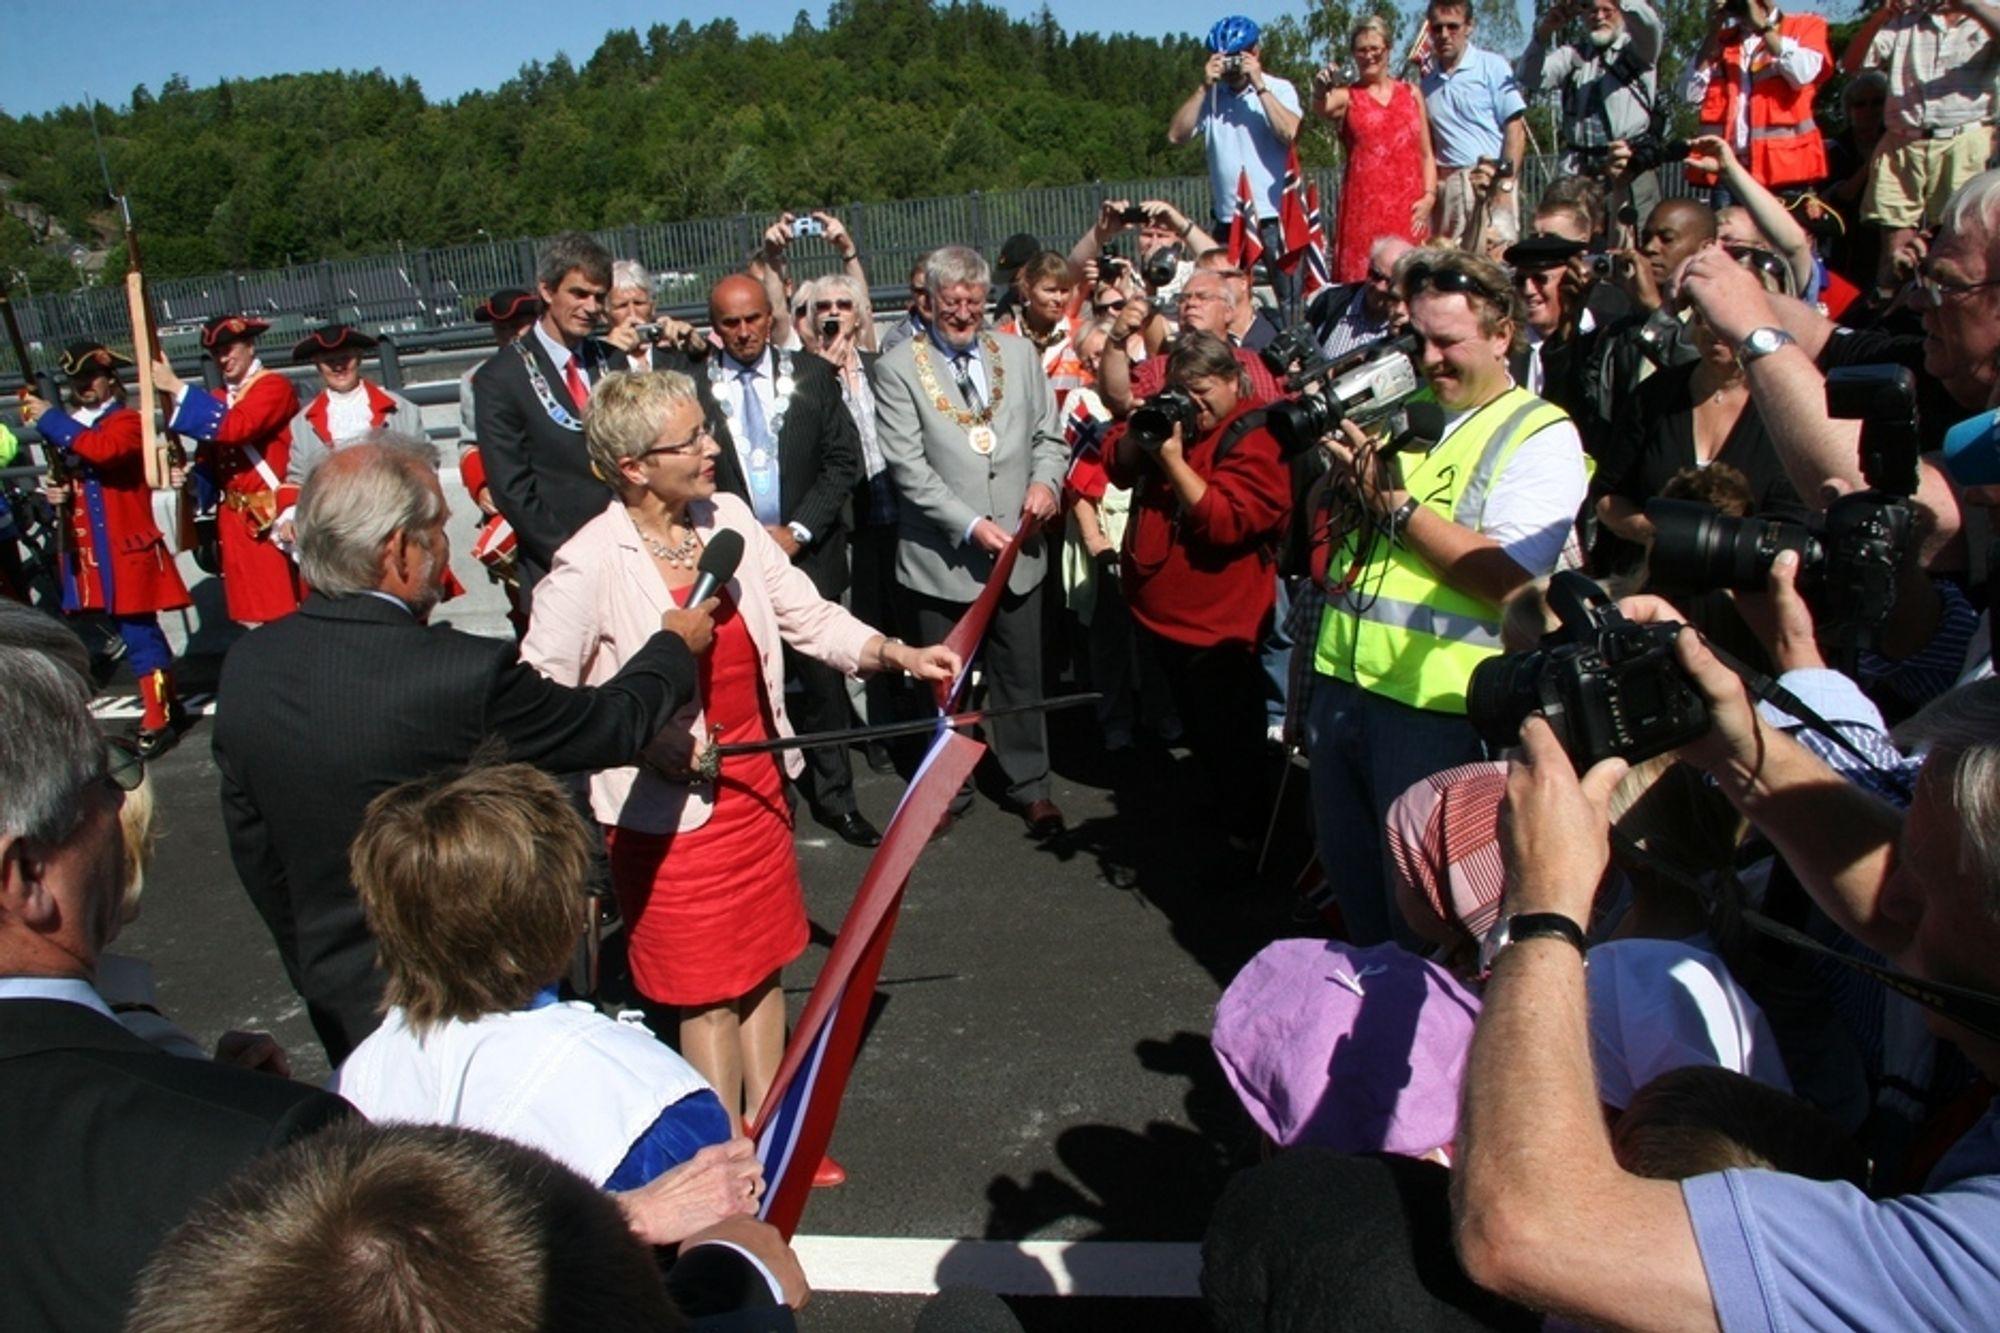 Samferdselsminister Liv Signe Navarsete åpner strekningen Bommestad - Langåker på E18 i Vestfold.